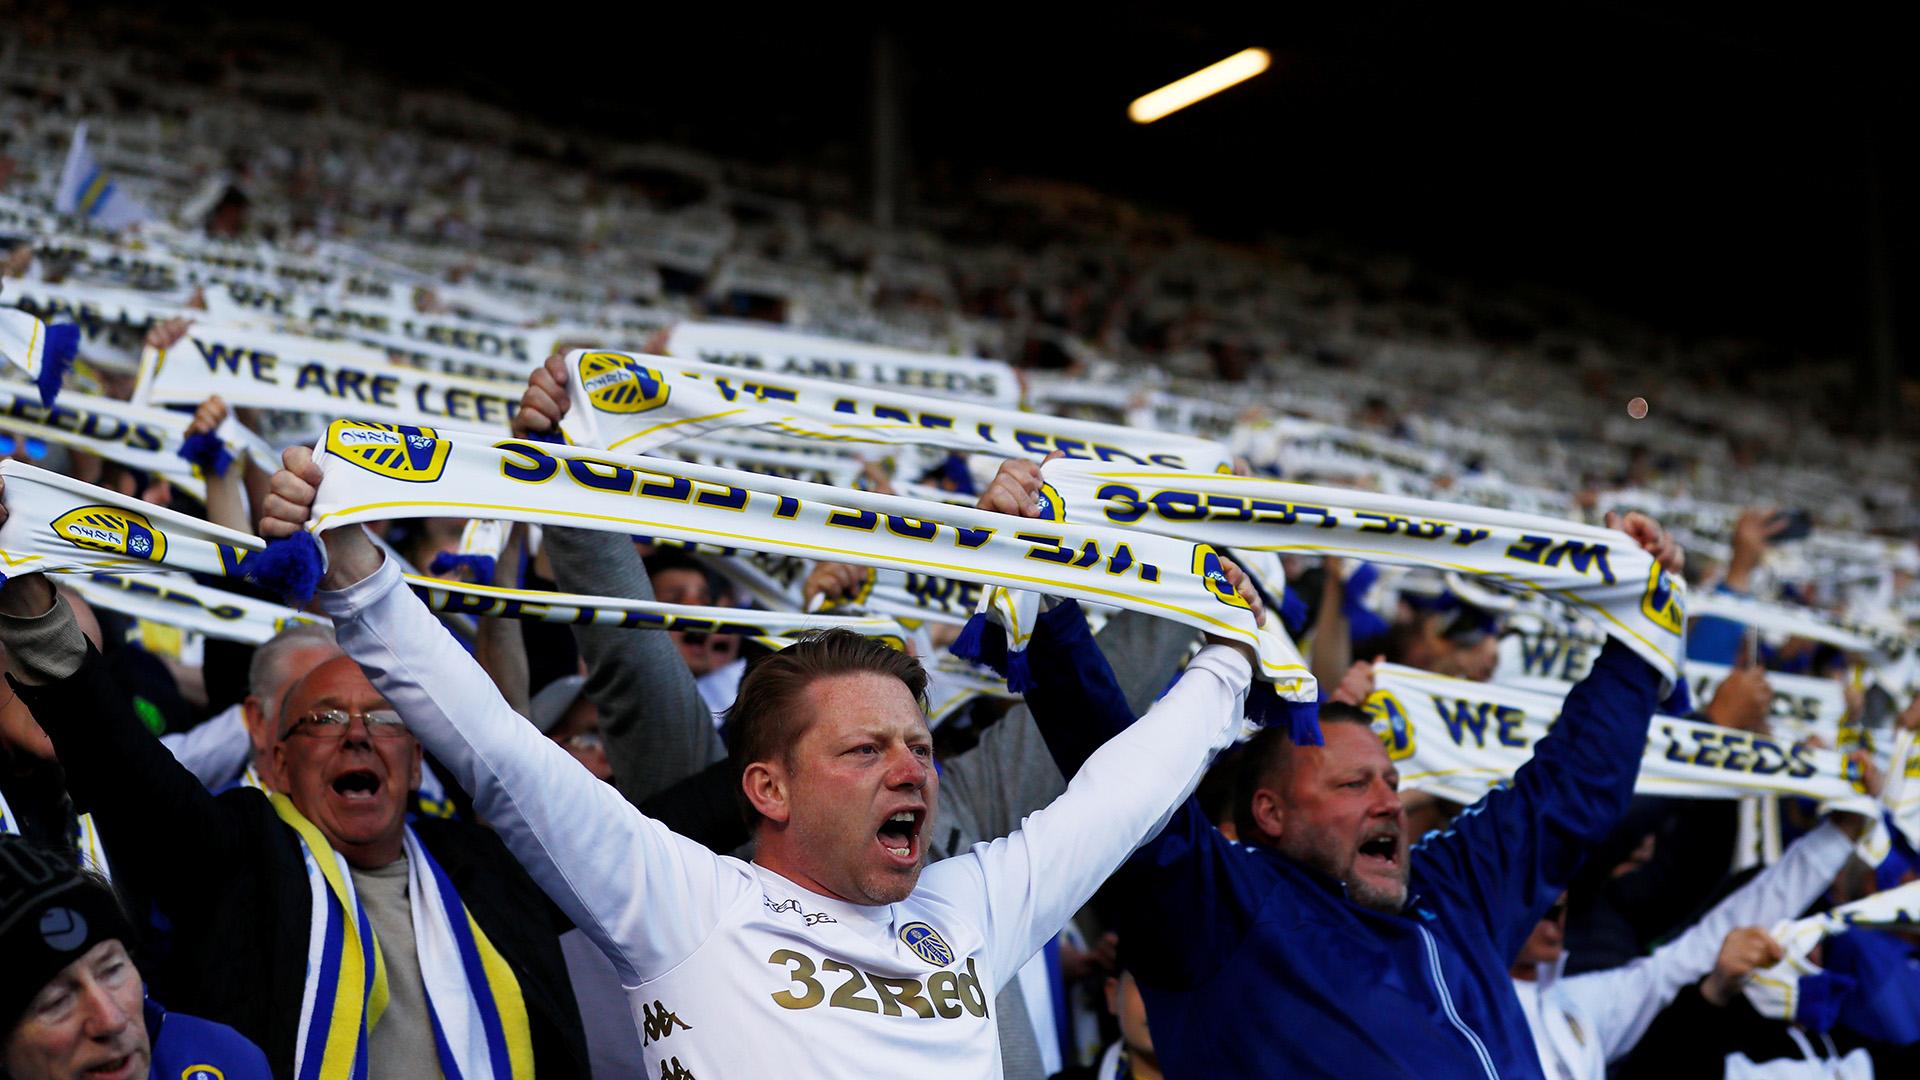 Impactante marco en Elland Road: el Leeds quiere volver a la máxima categoría después de 14 años (Reuters/Jason Cairnduff)